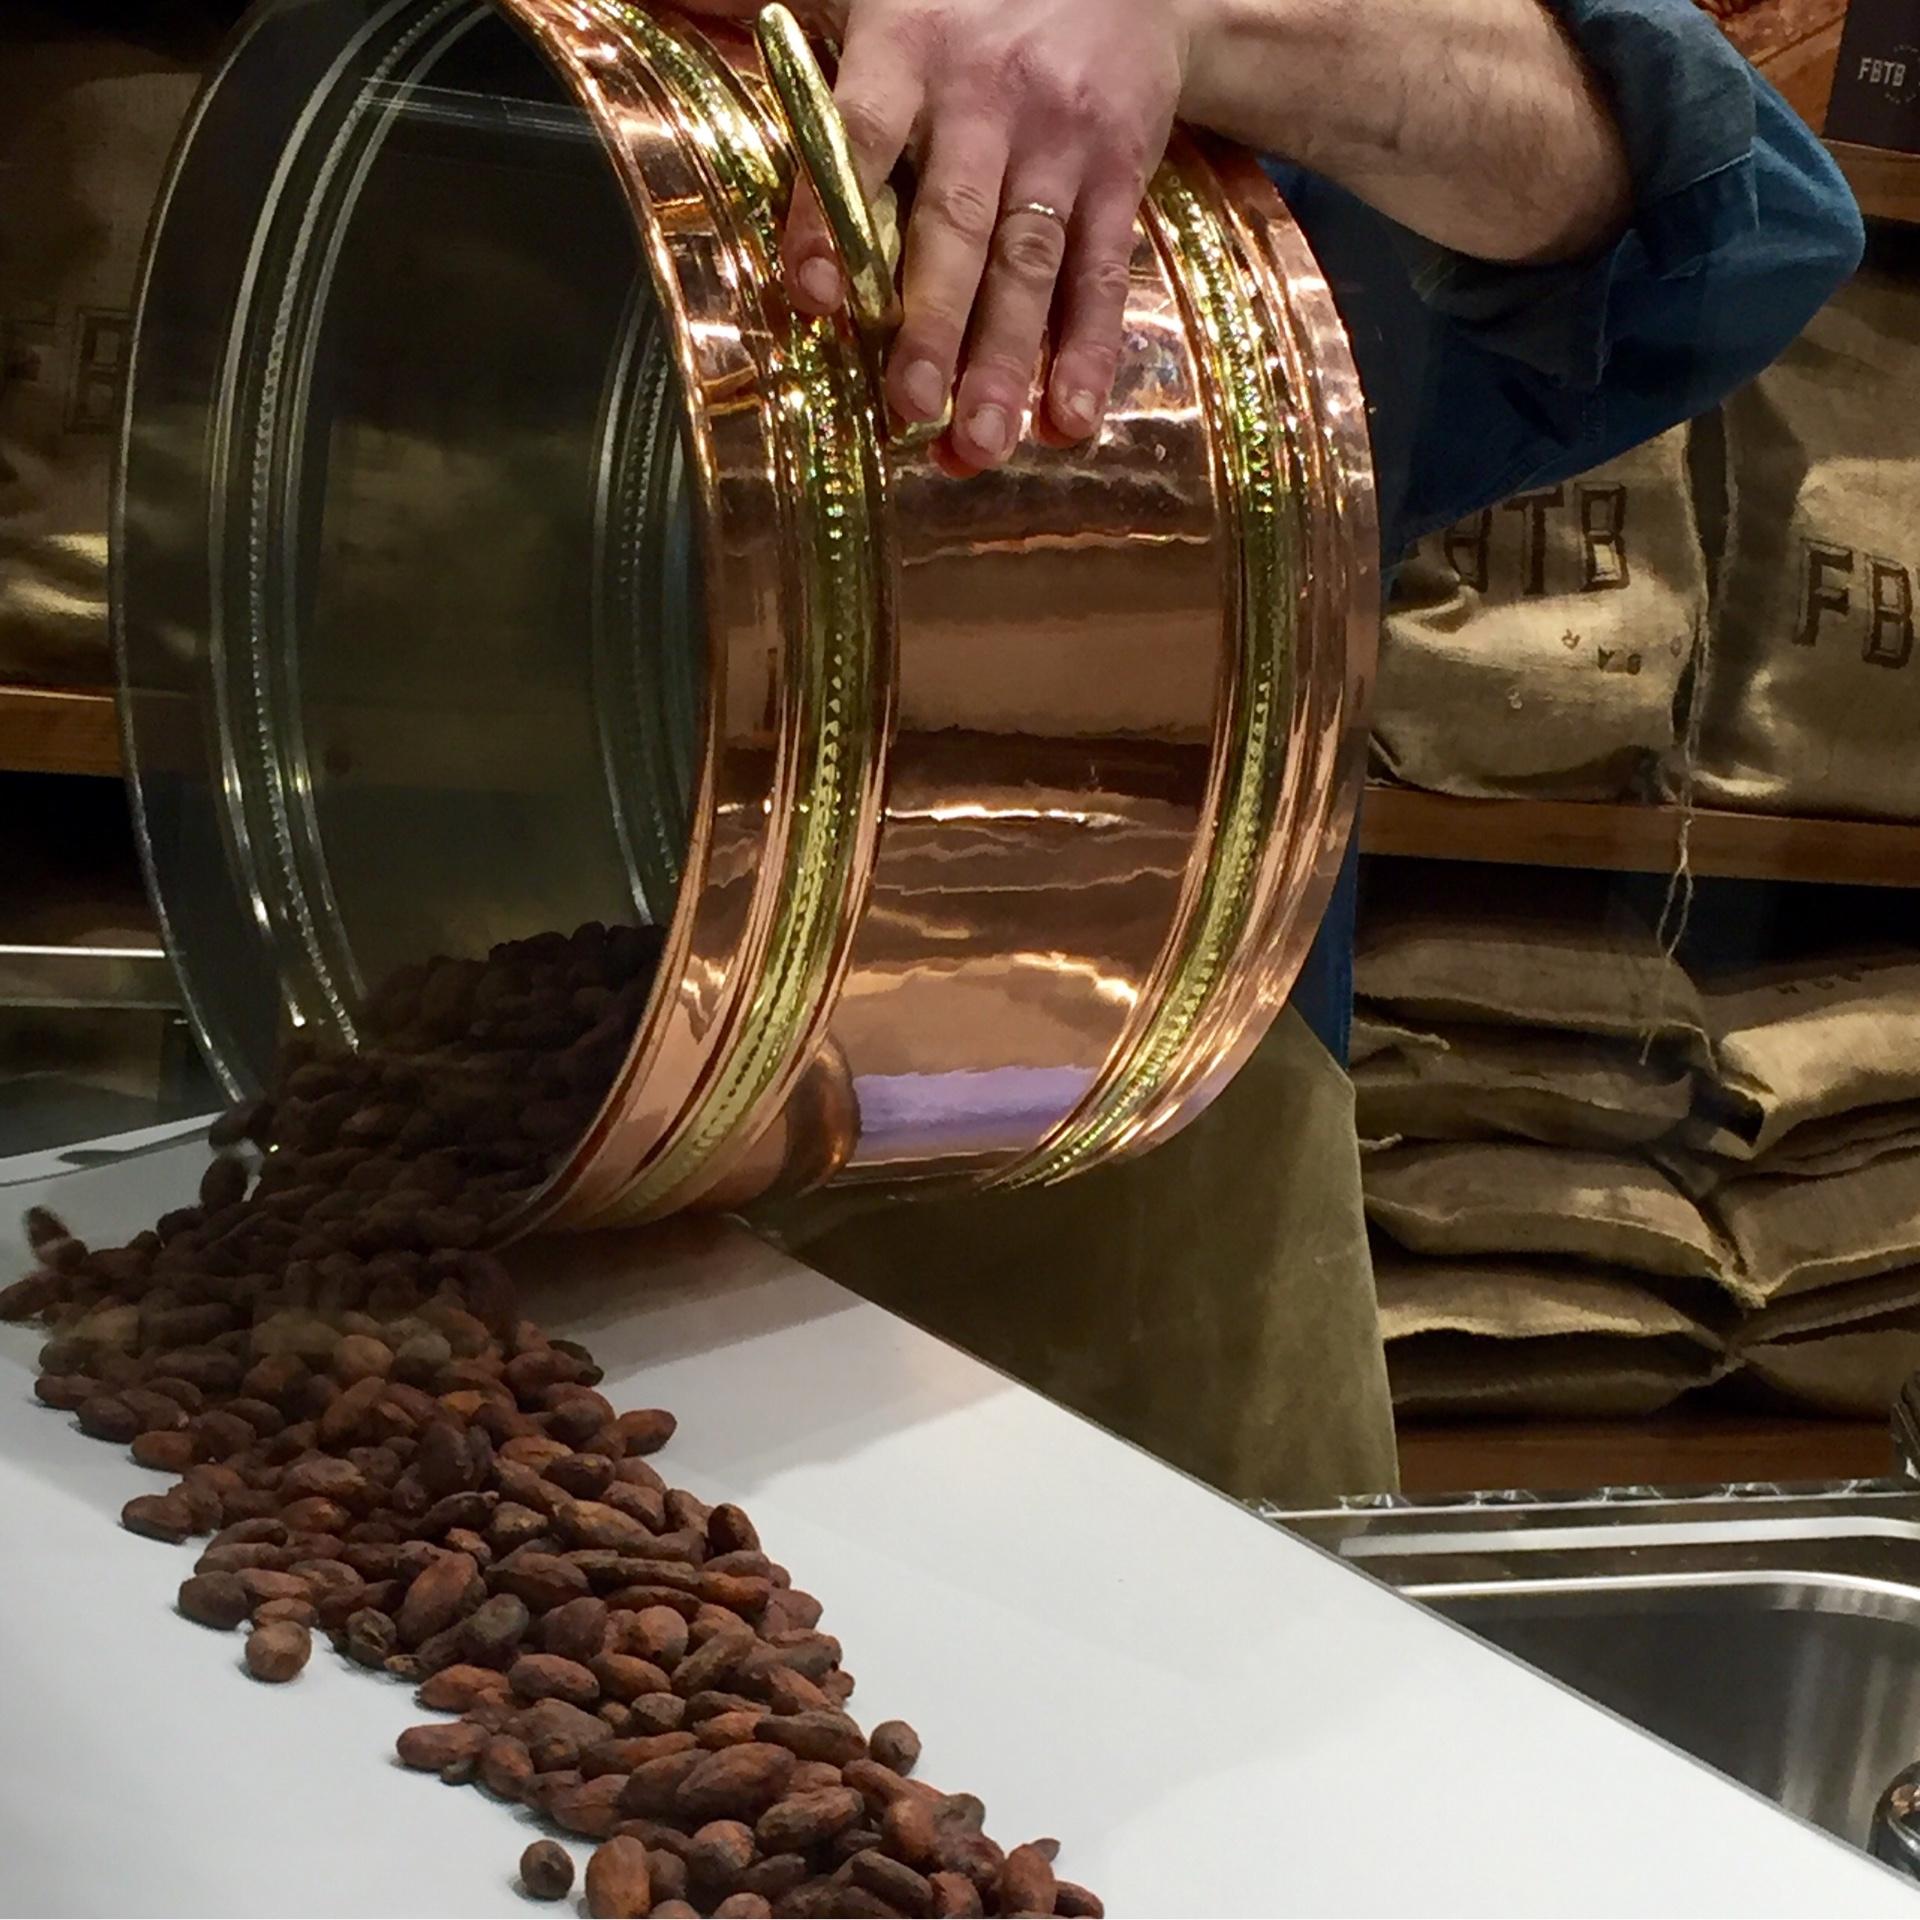 CioccolatItaliani: FBTB, dalla fava di cacao alla tavoletta